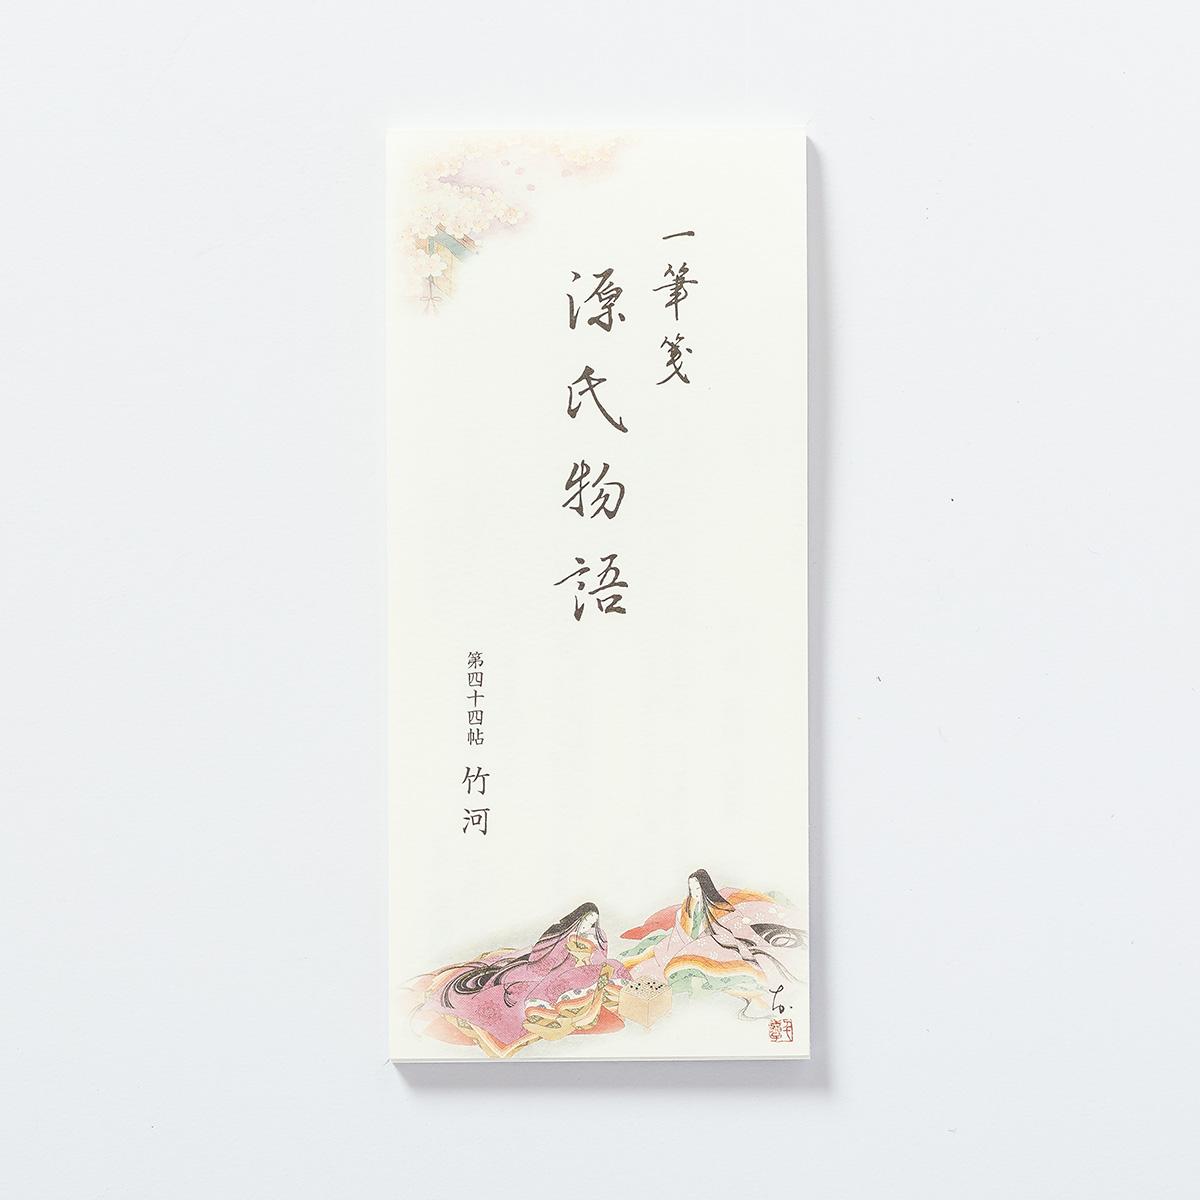 源氏物語一筆箋 第44帖「竹河」